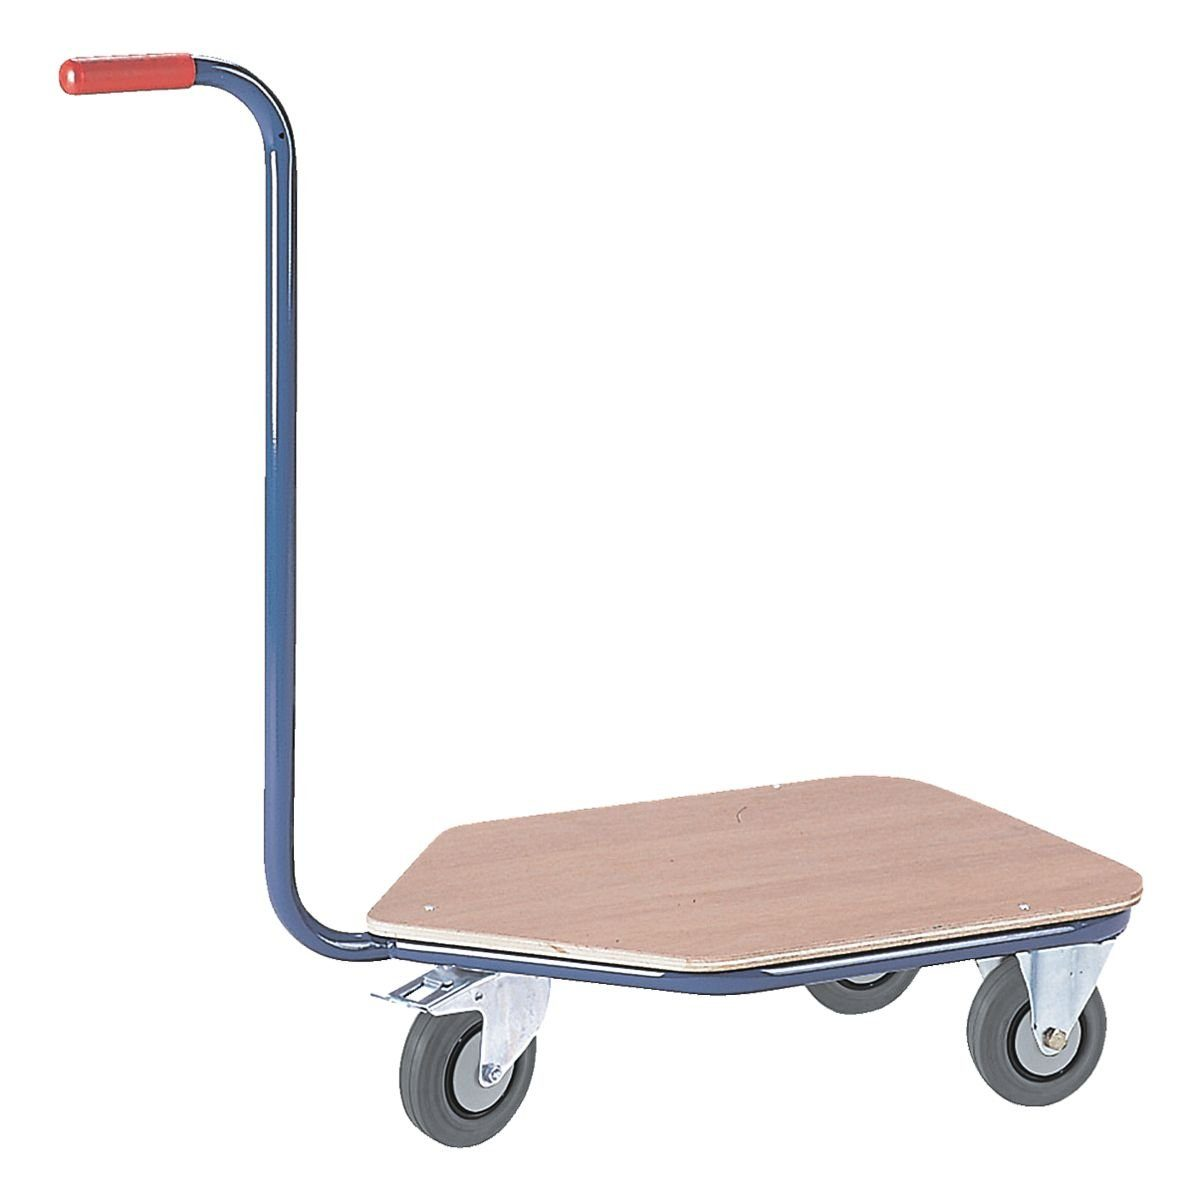 ROLLCART Dreirad-Griffroller